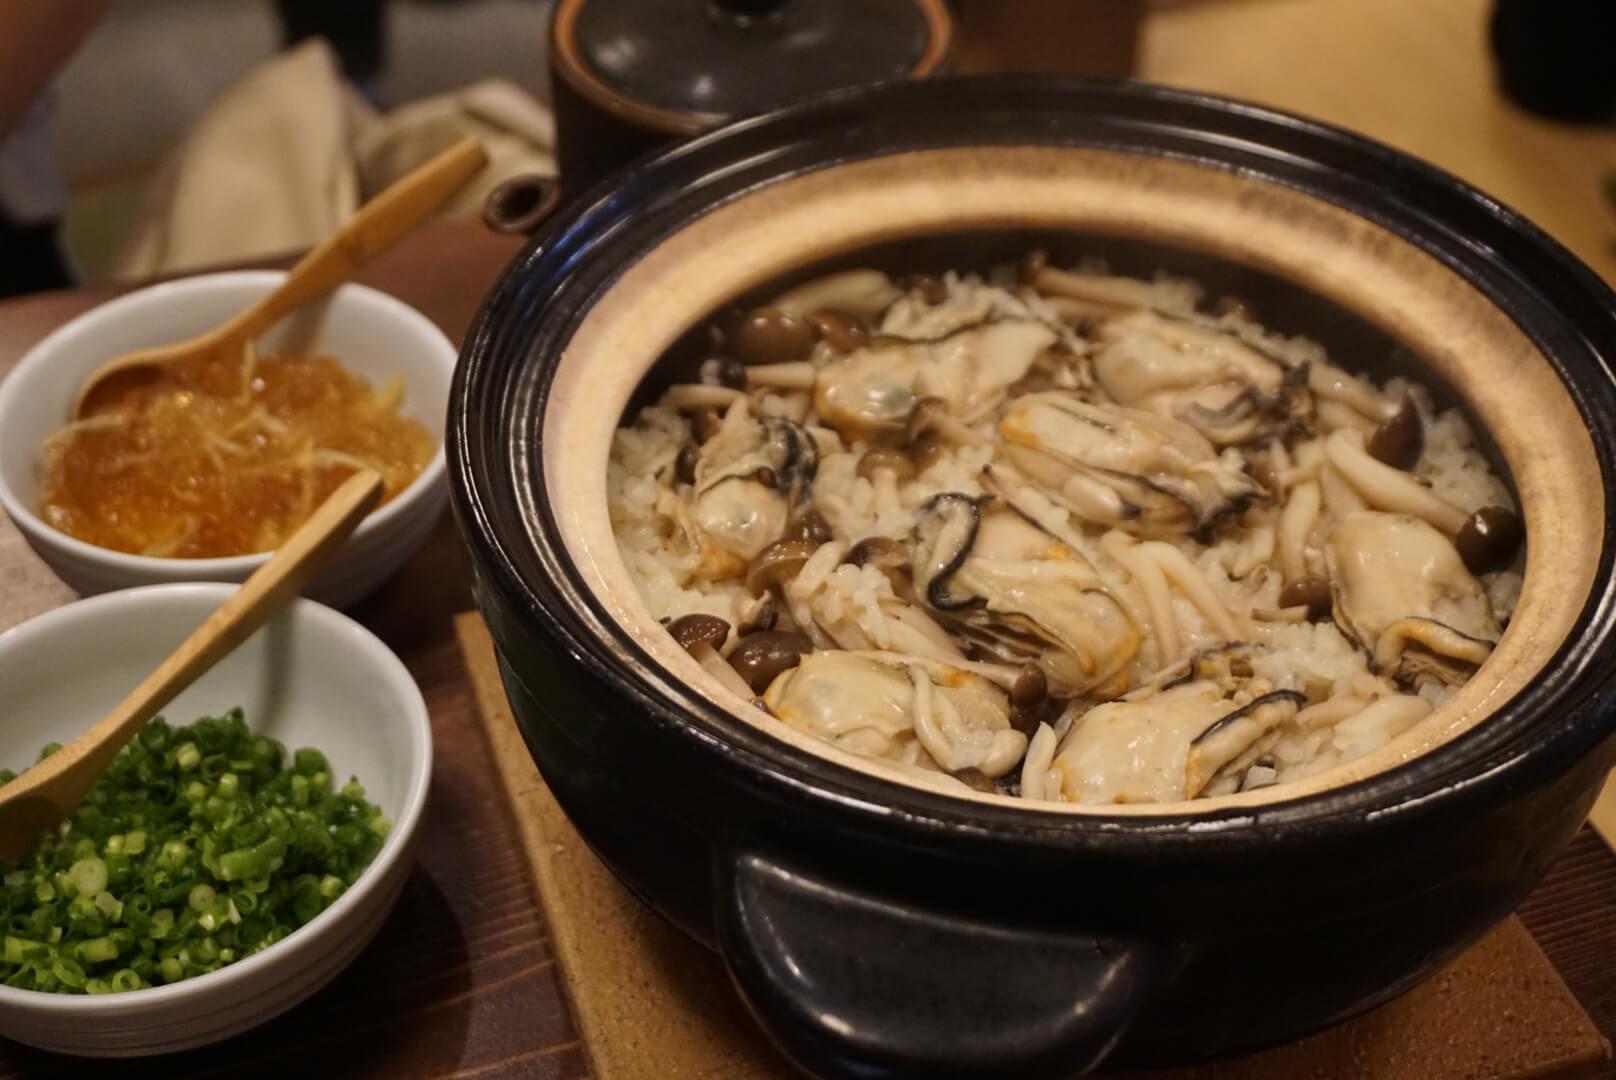 「 牛鍋 居ろは 」の文明開花ビアホールで、明治時代のビアホールにタイムスリップ